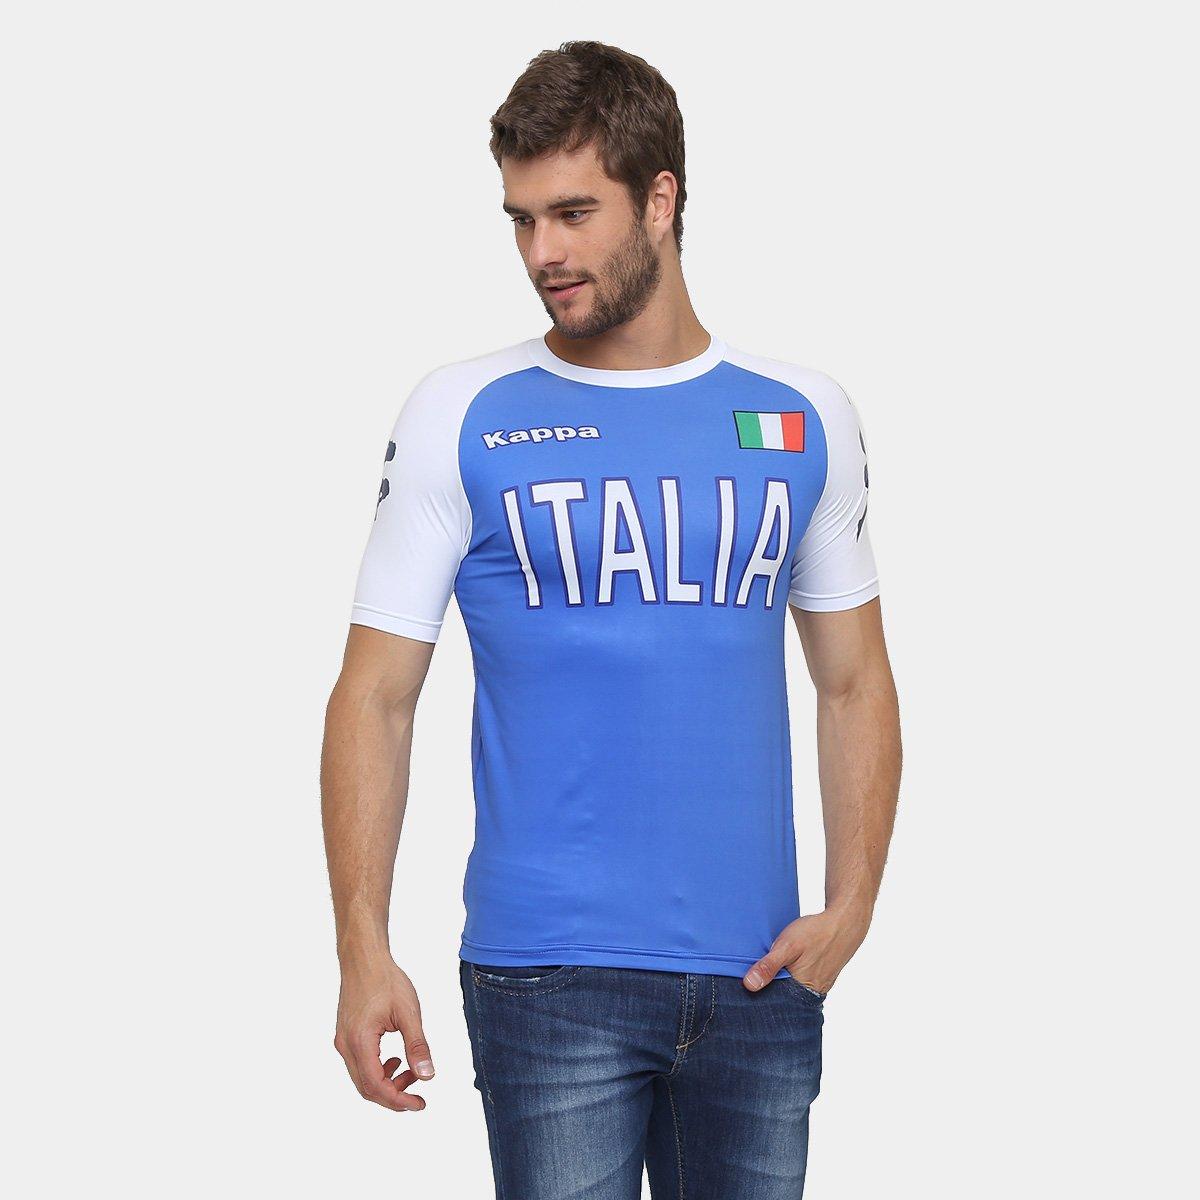 d23c1cab7f5fe Camiseta Kappa Itália Kombat - Compre Agora